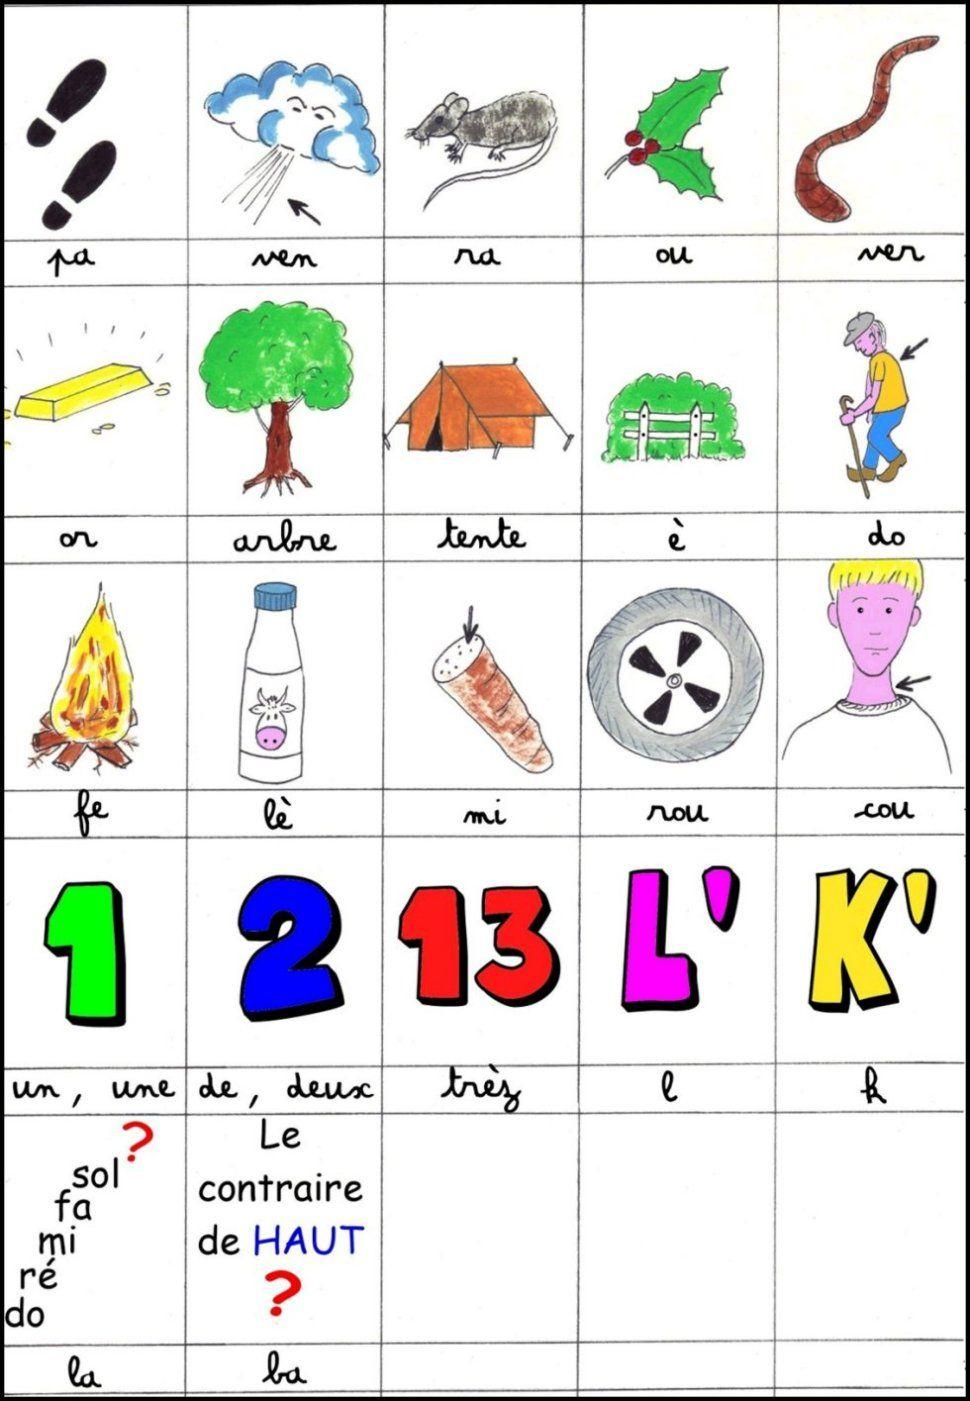 Des Idées D'énigmes Pour Les Enfants | Idées De Fête Pour dedans Rébus Facile